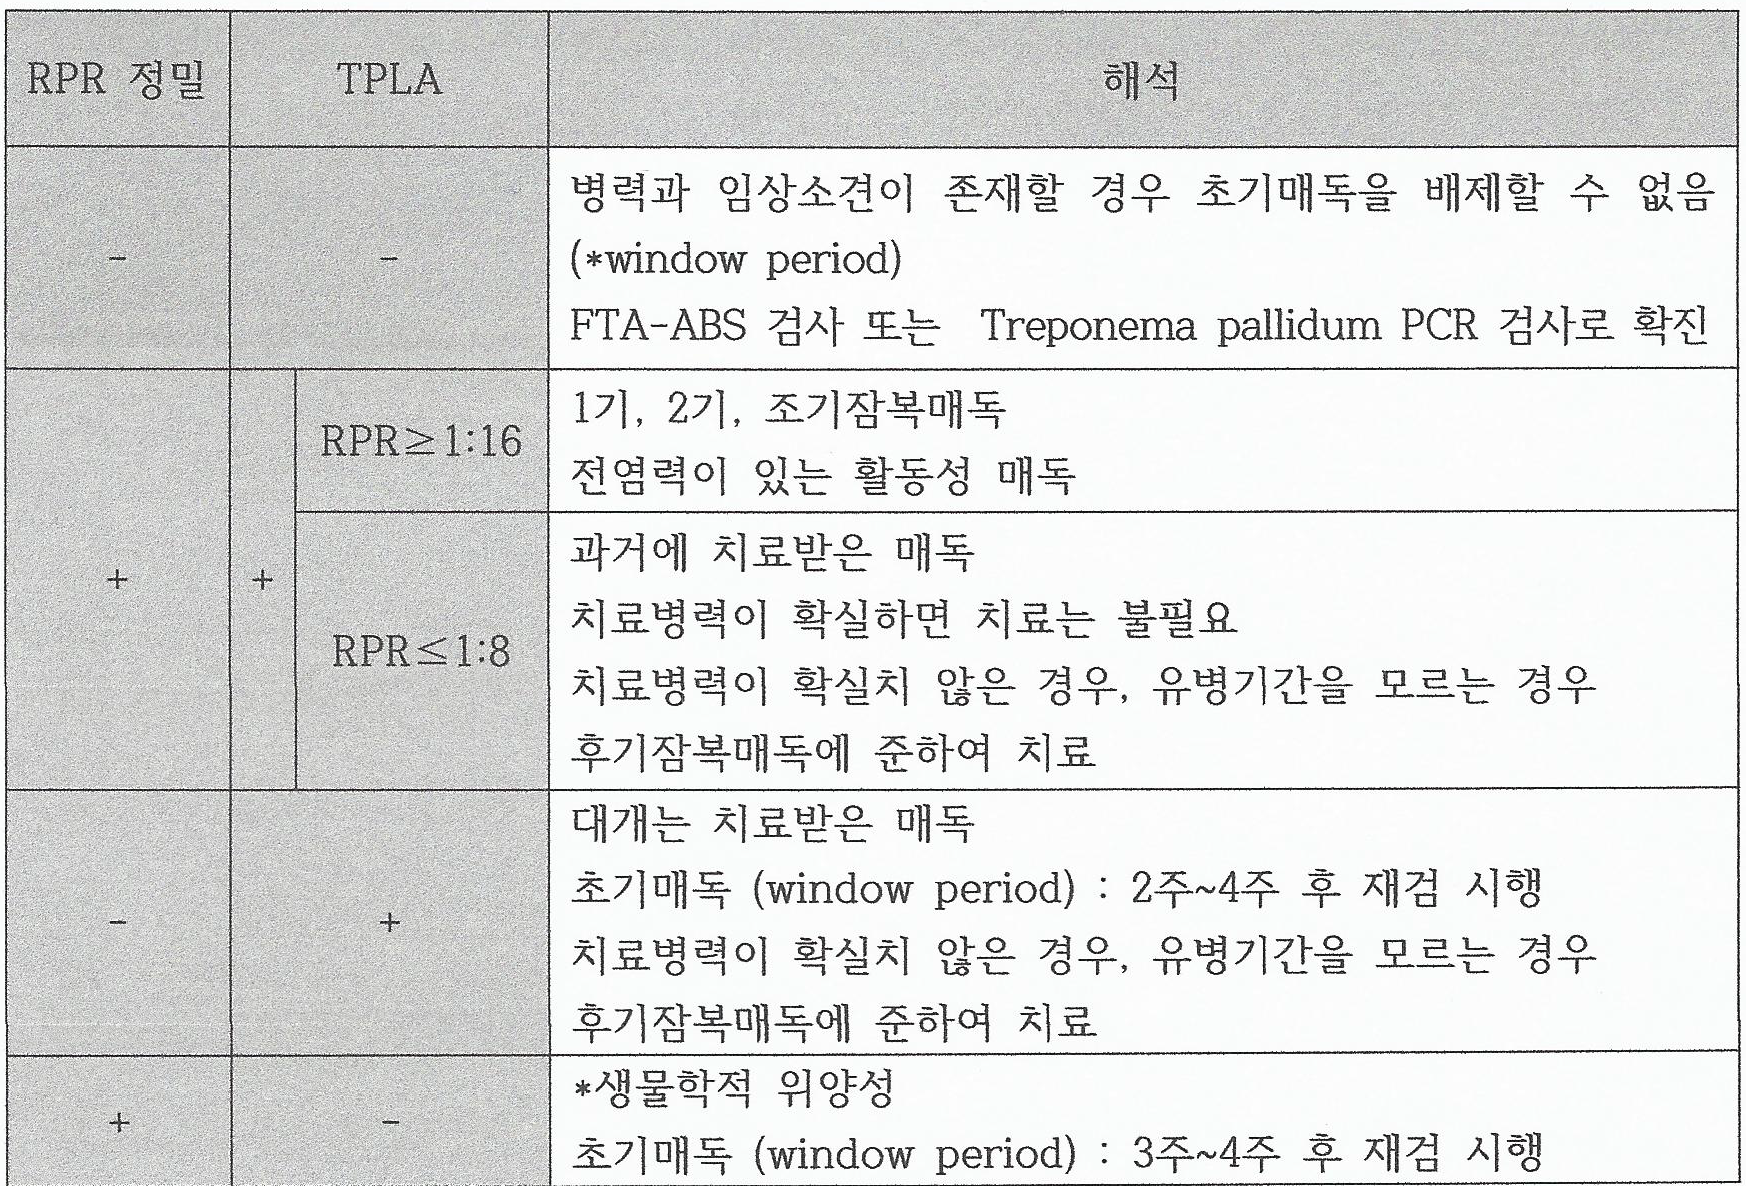 매독진단.png